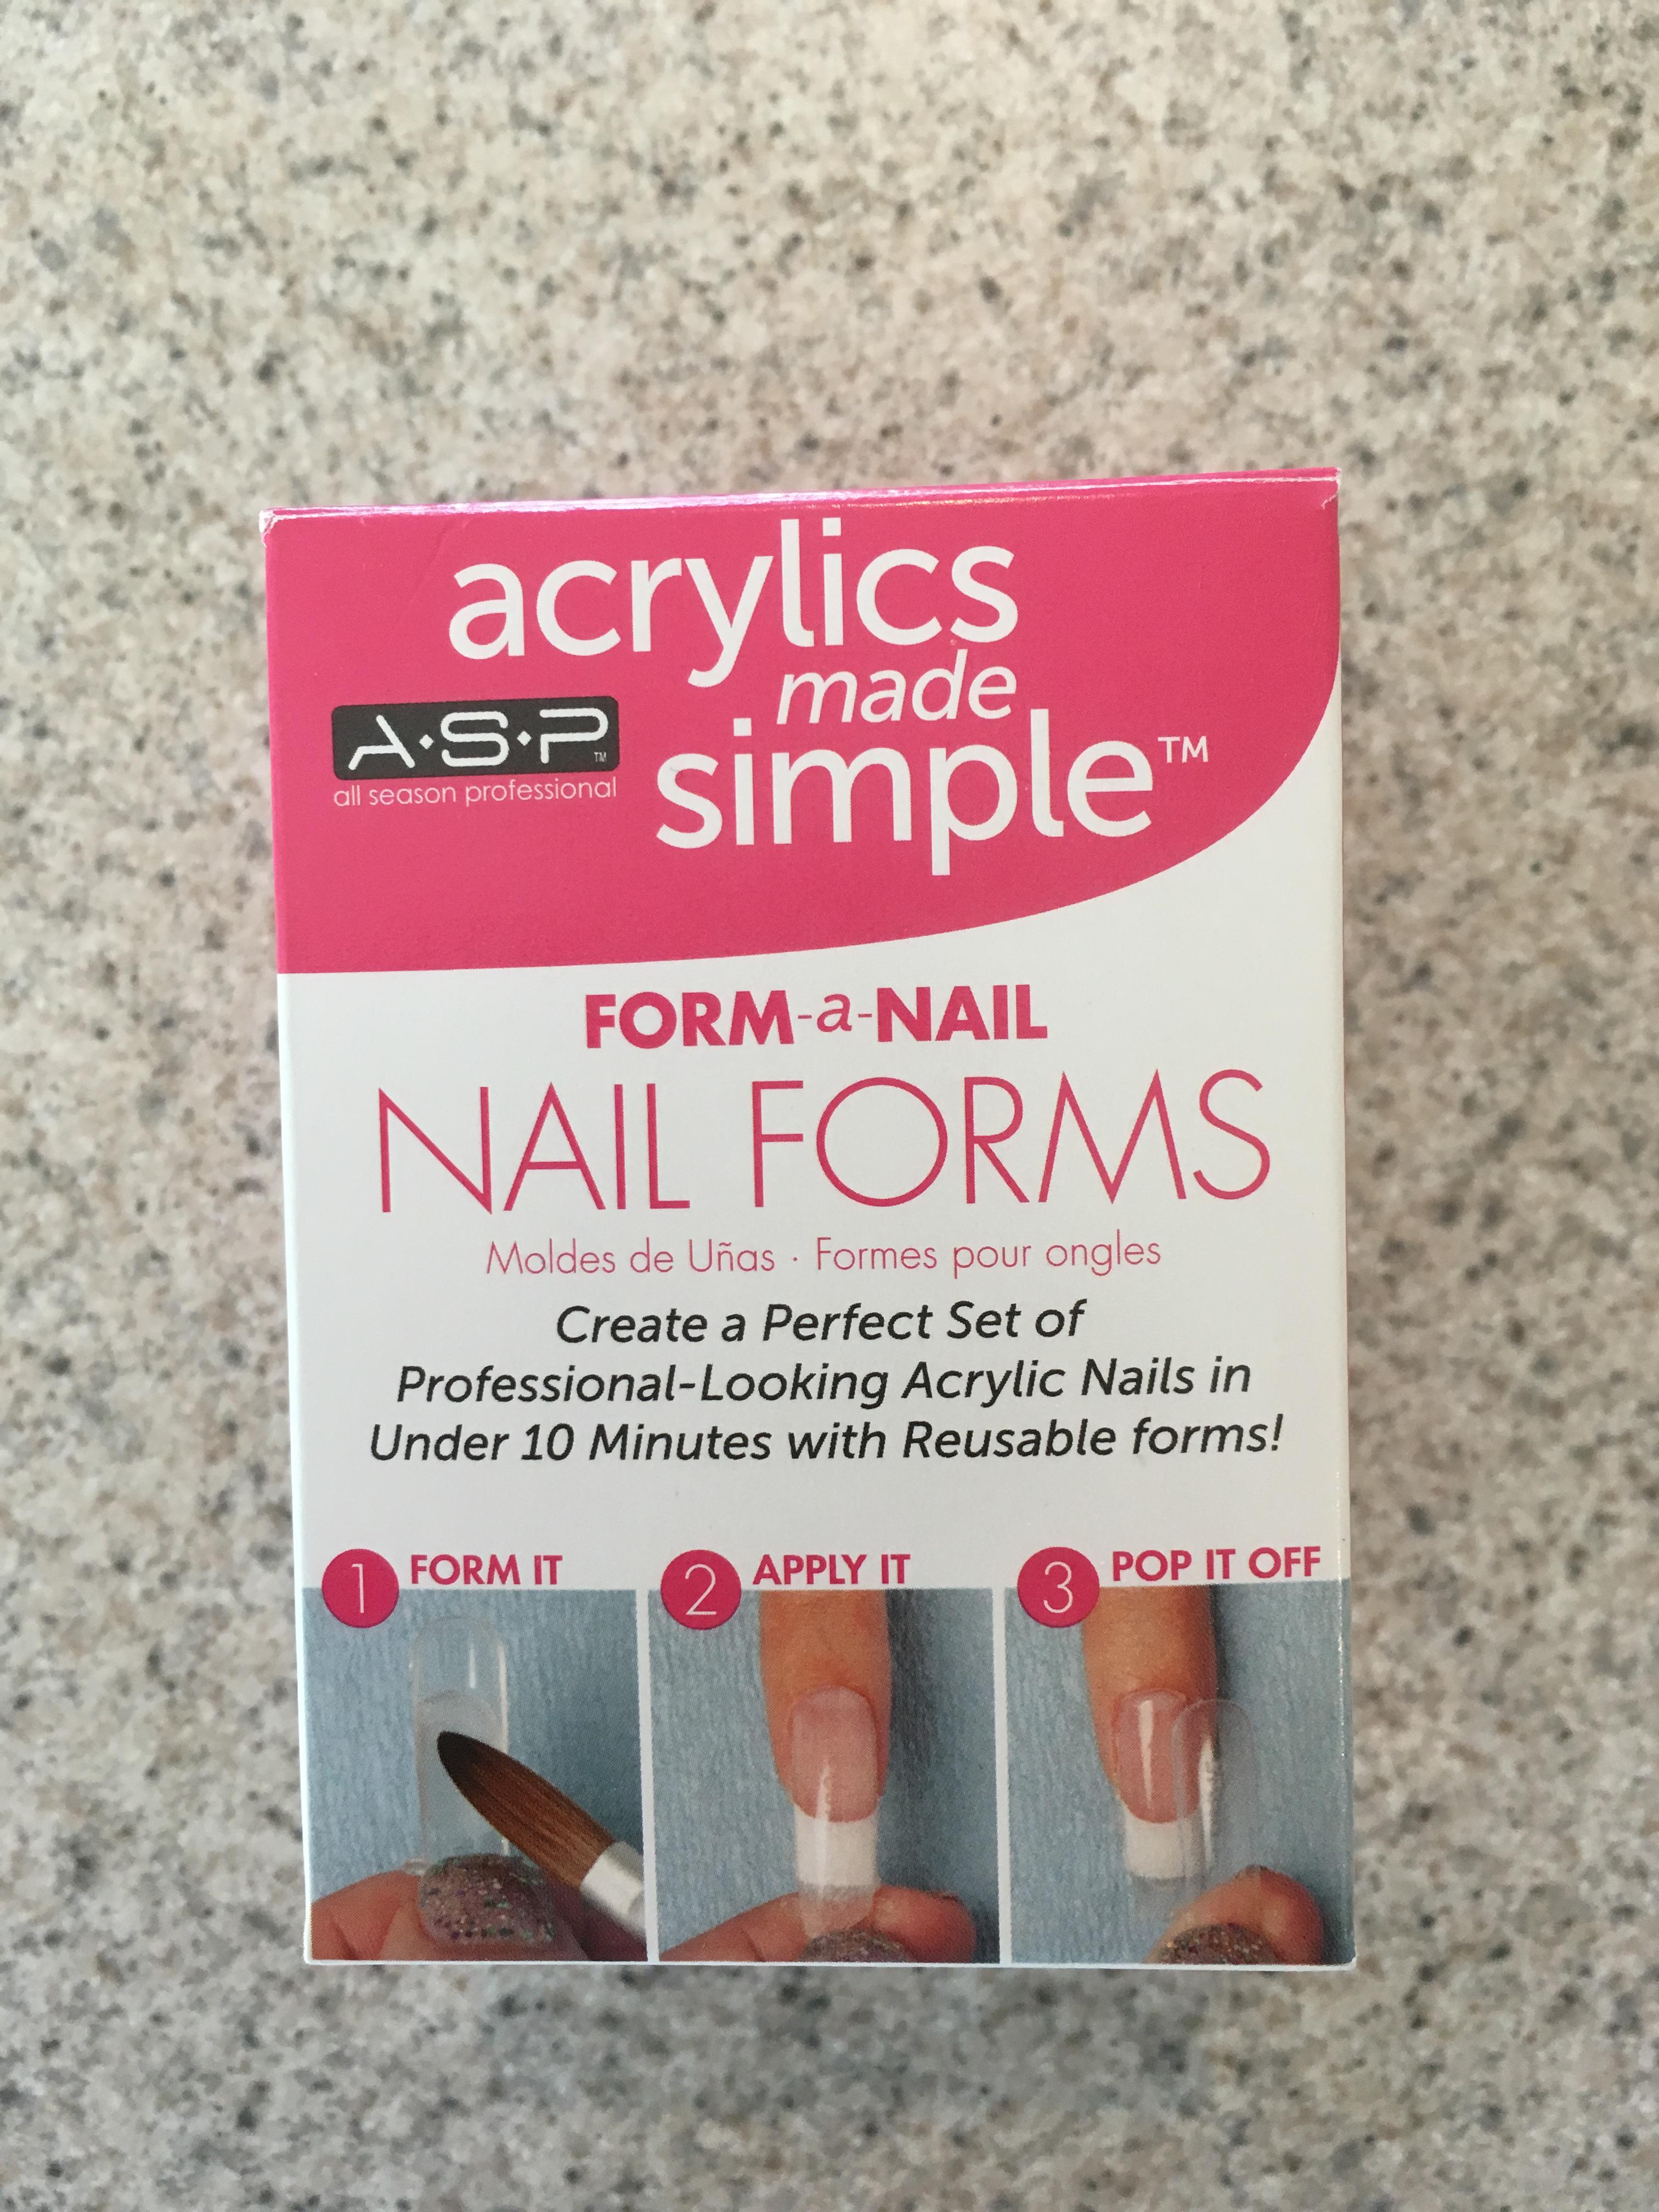 DIY Acrylic nails 5-28-16-Nail forms | cornfedcontessa